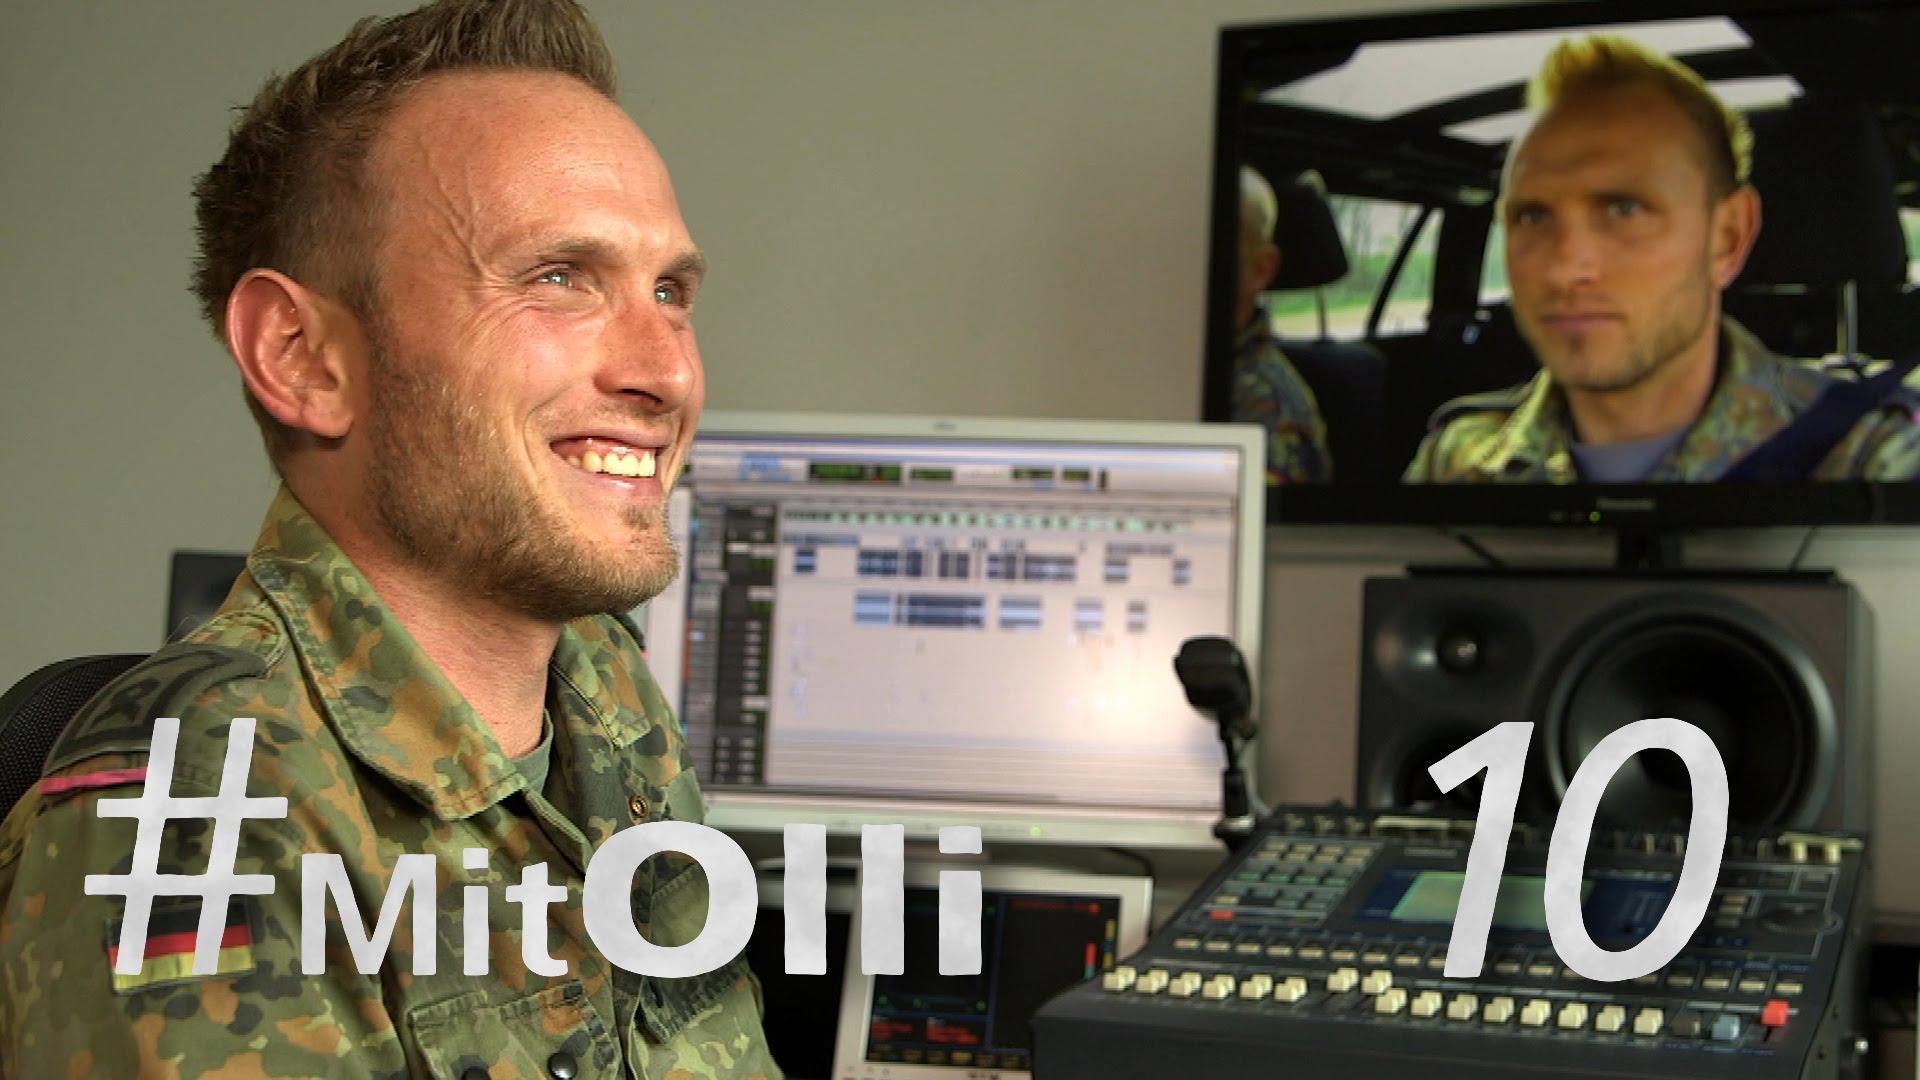 Mit Olli Folge 10 – Die Outtakes des Jahres